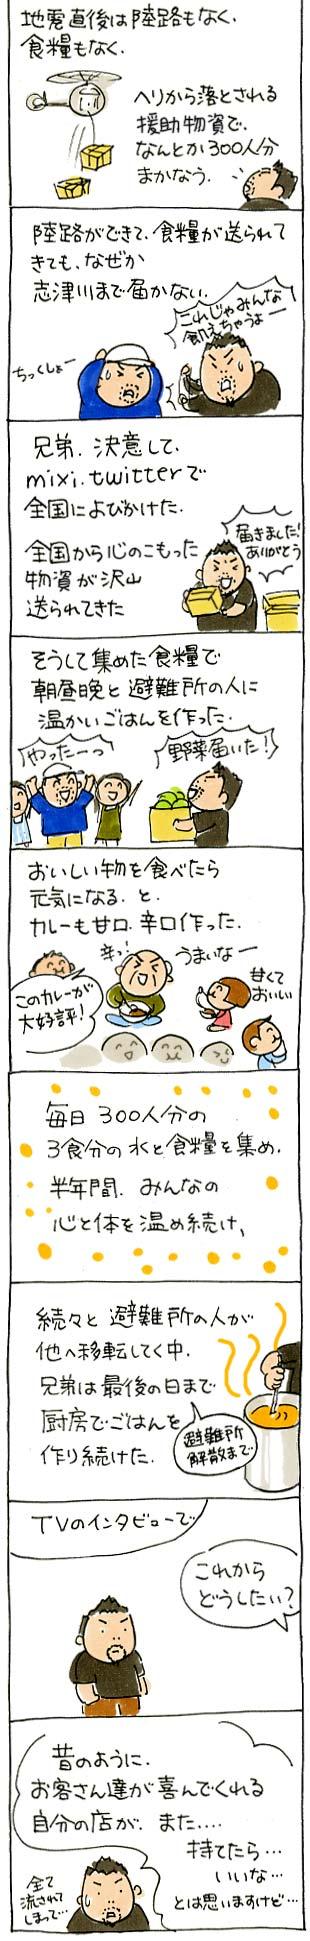 タクちゃん02